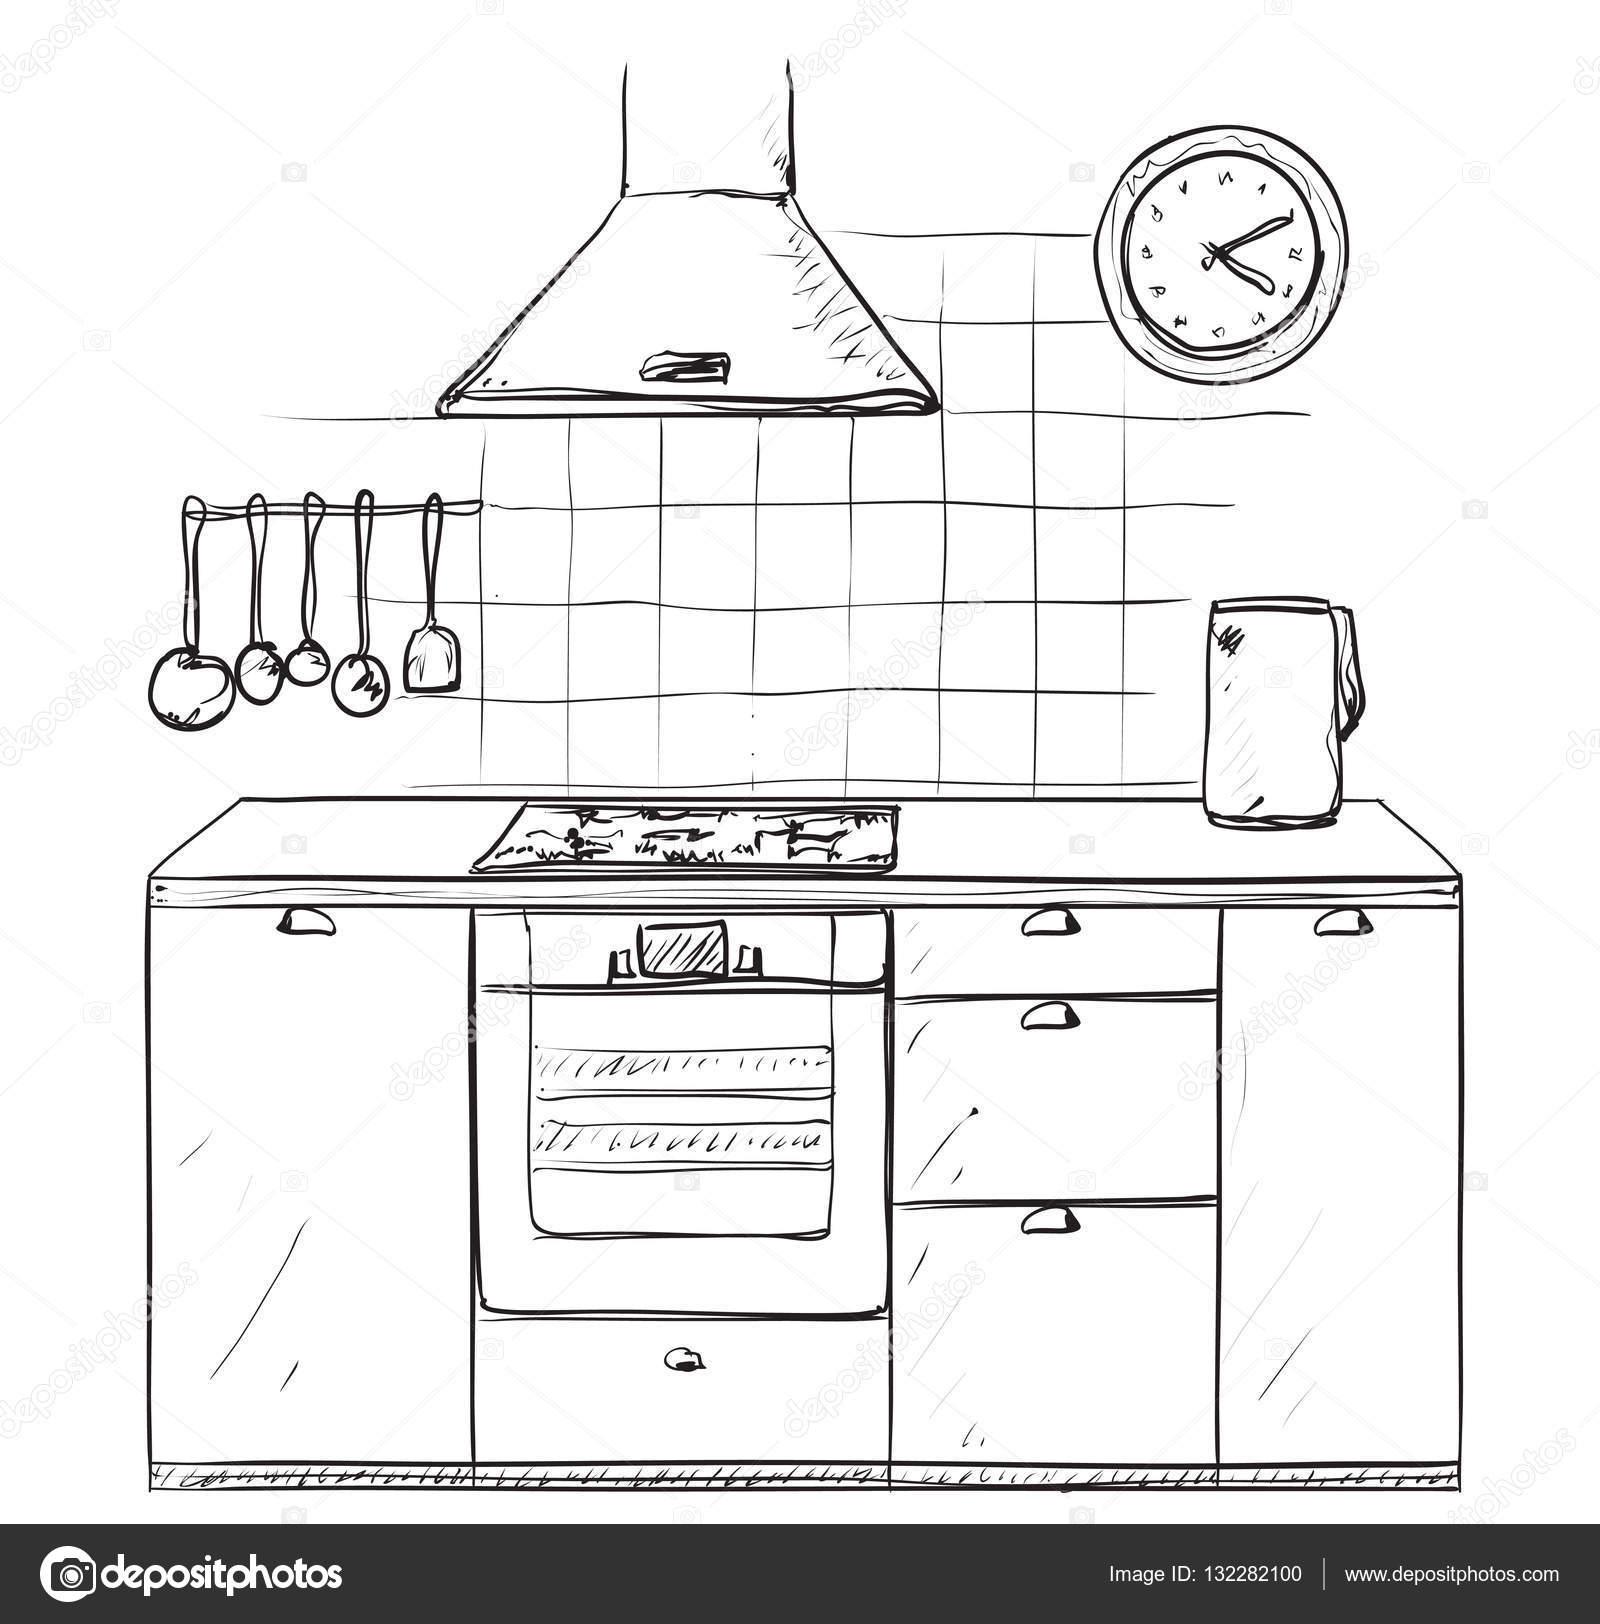 Cocina dibujado de la mano. Dibujo de muebles — Archivo Imágenes ...